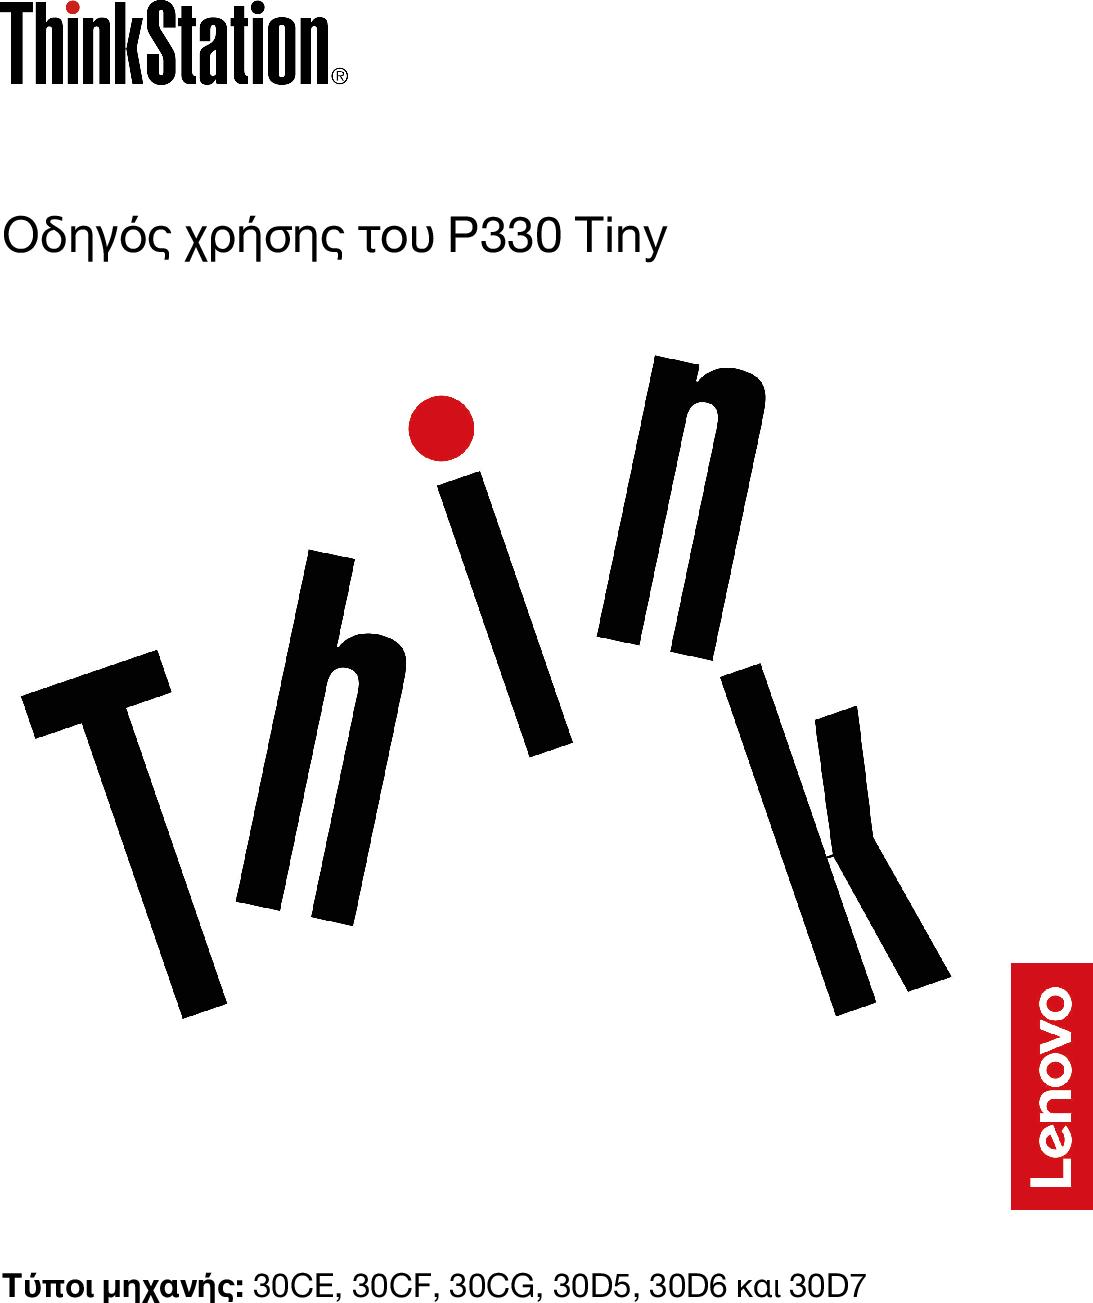 Lenovo Οδηγός χρήσης του P330 Tiny (Greek) User Guide